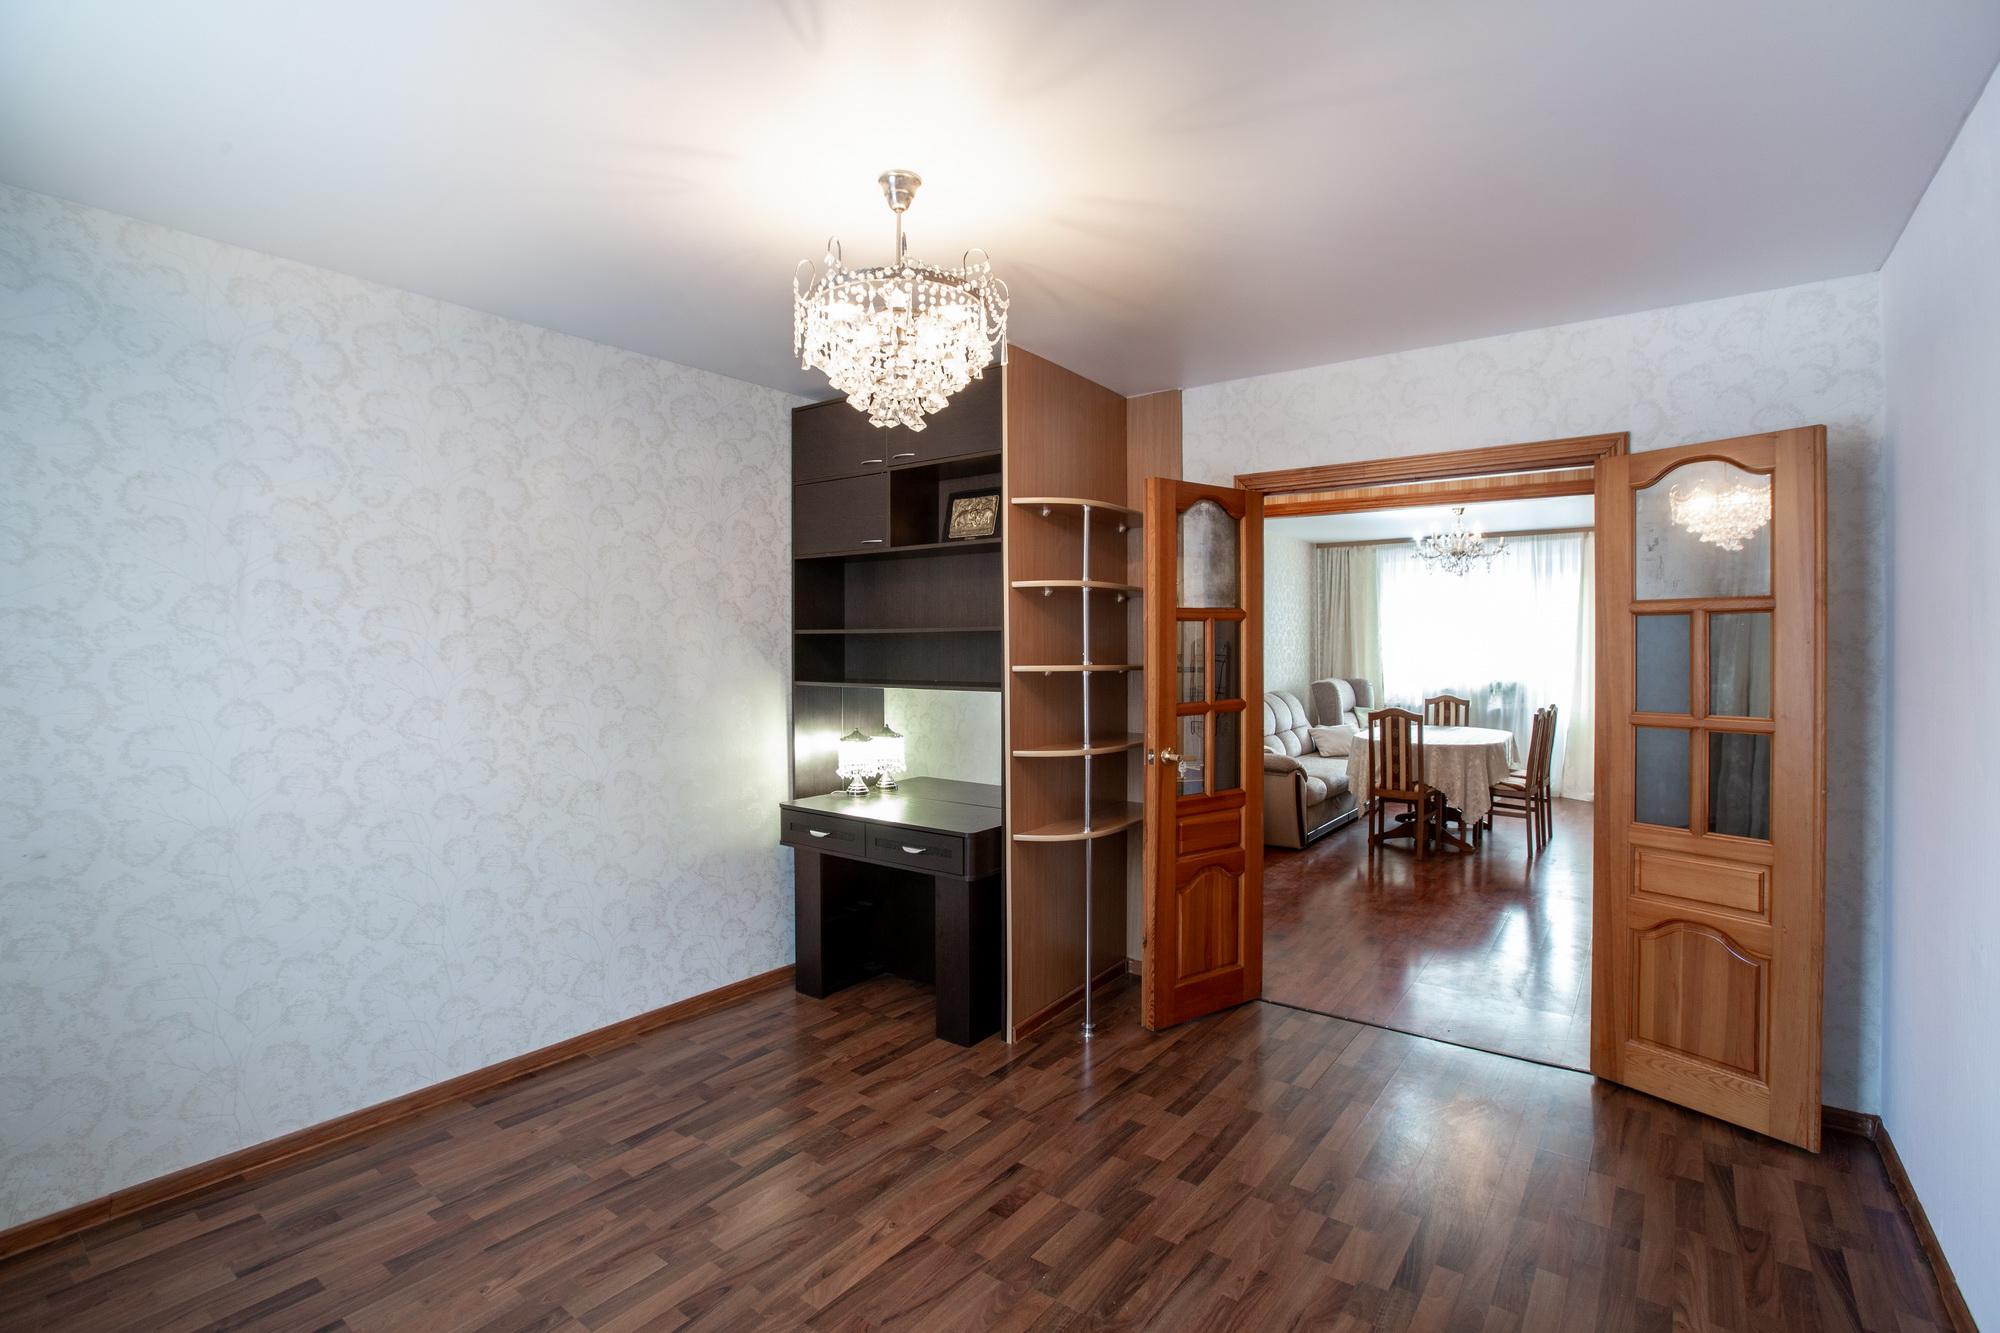 Продажа 3-комнатной квартиры, Екатеринбург